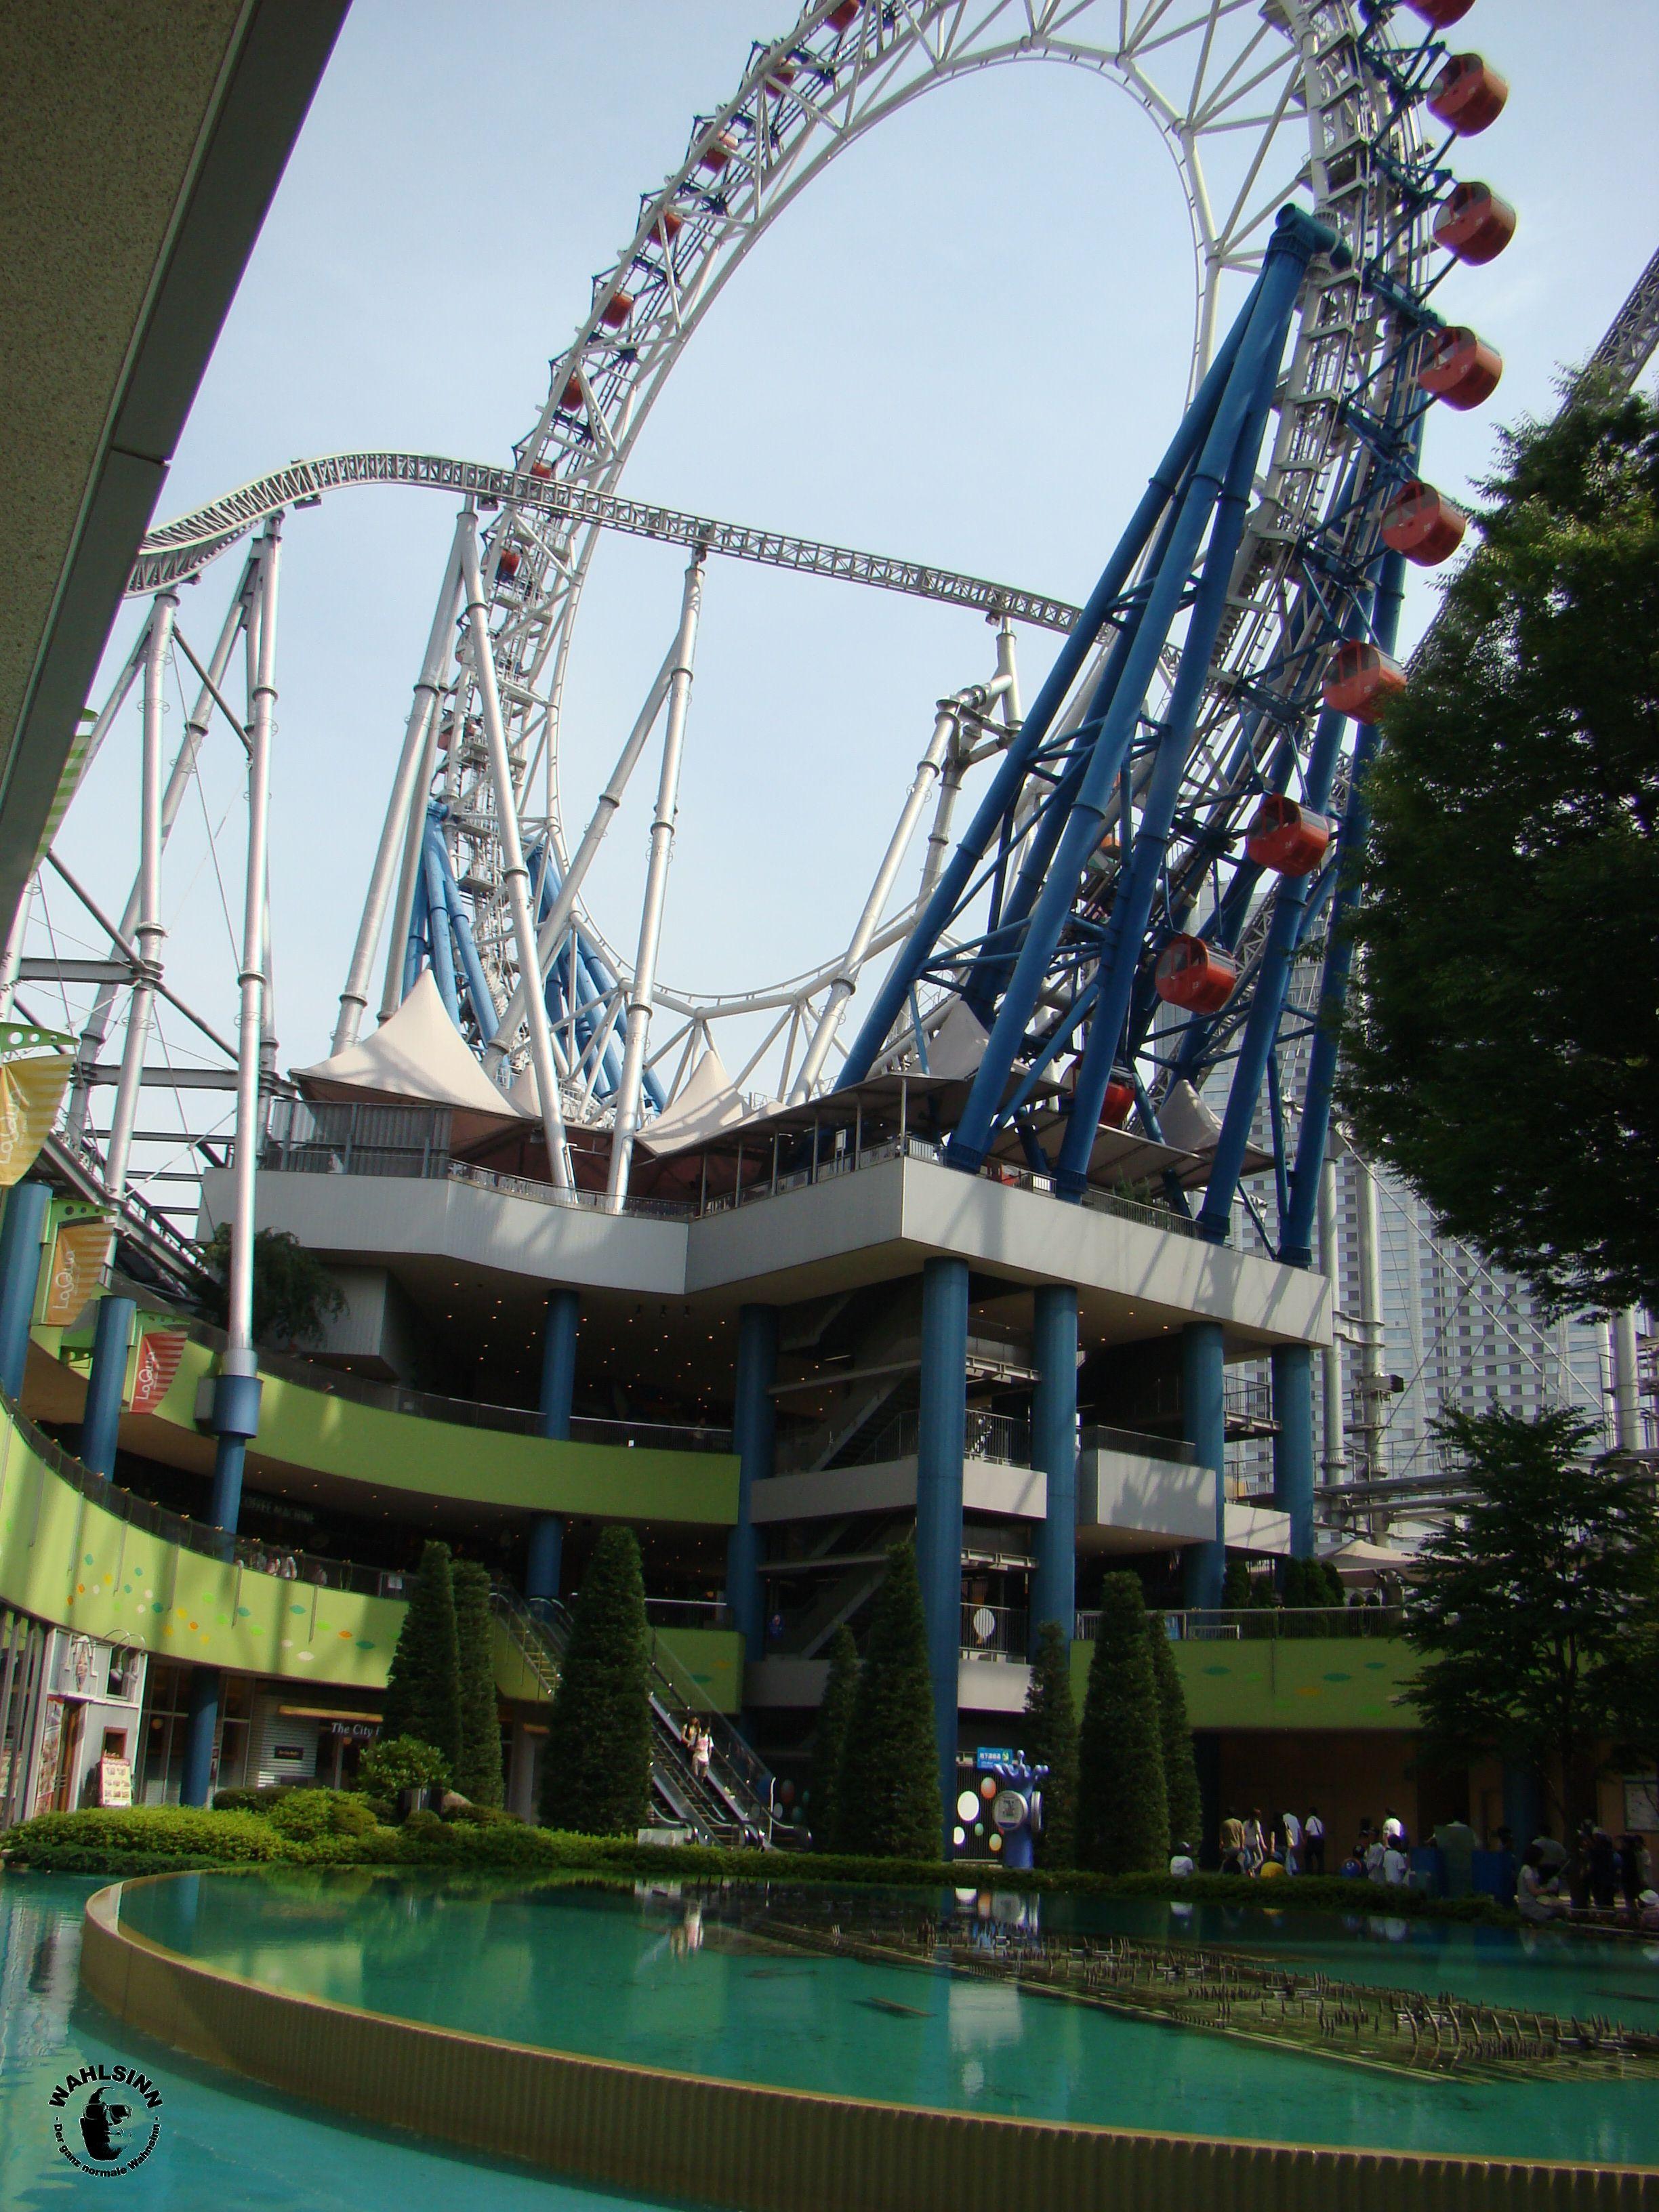 Japan // Tokio - IM LaQua PFreizeitpark erwartet dich nicht nur ein Riesenrad, sondern auch eine Achterbahn die da durch flitzt!